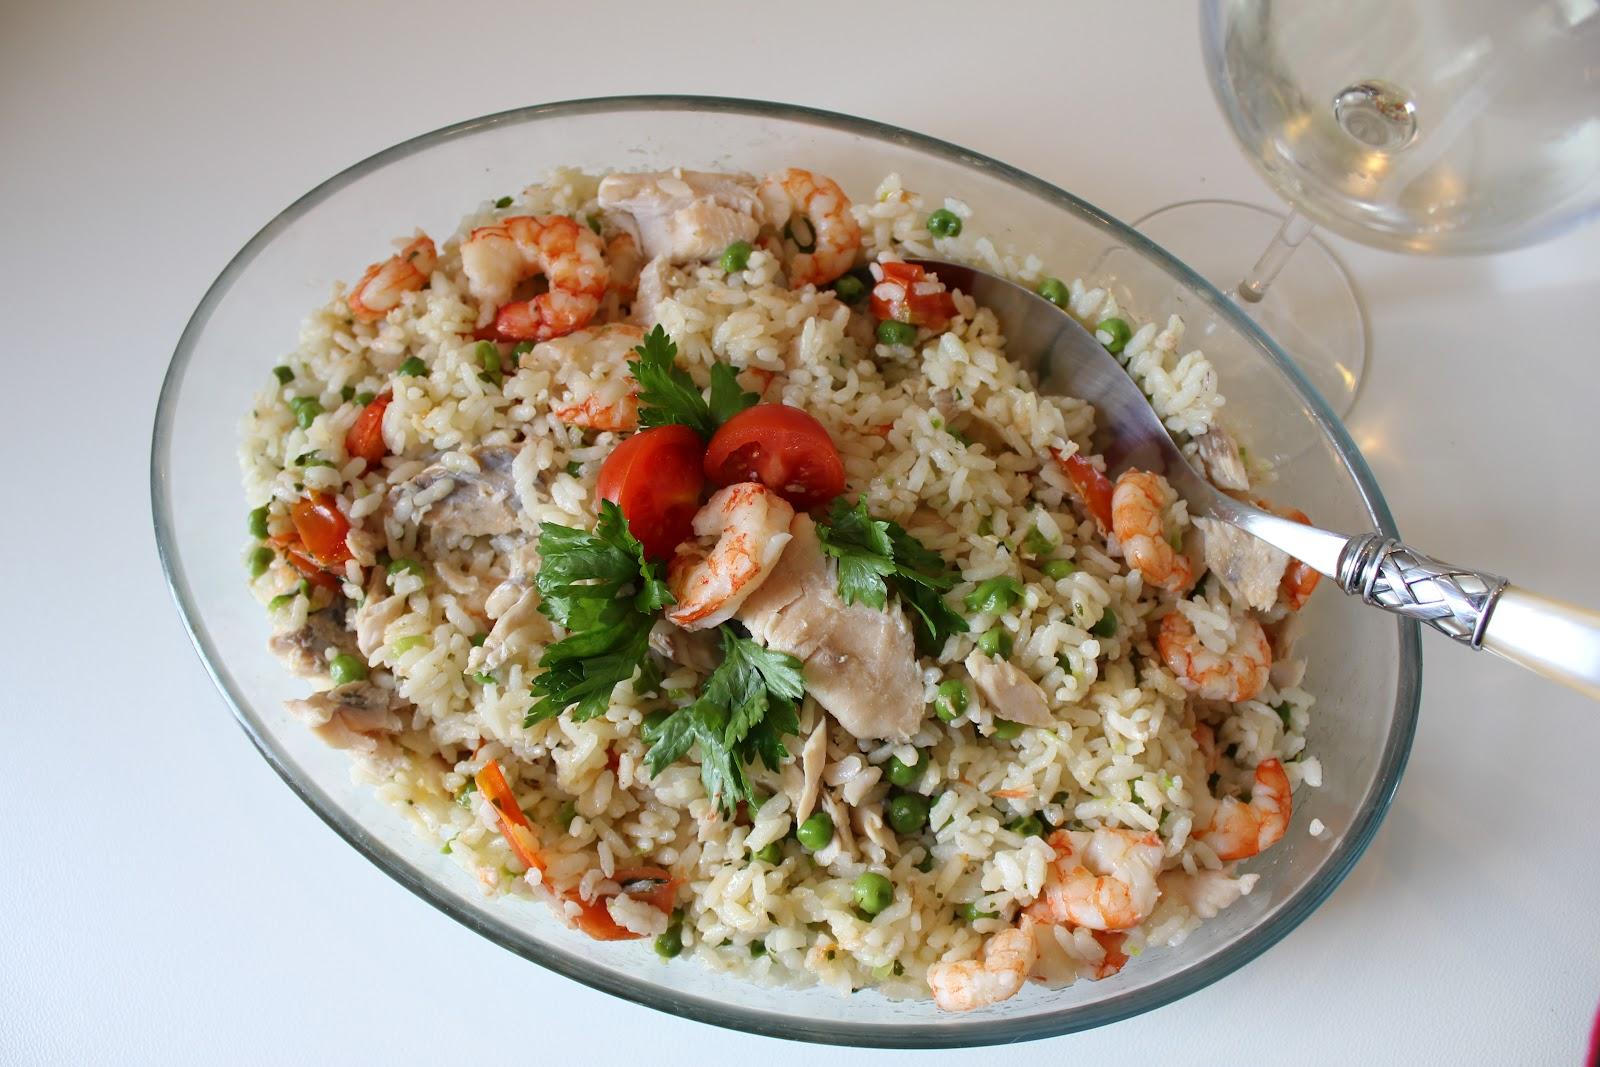 Risultati immagini per Tris di riso, pesce e verdure